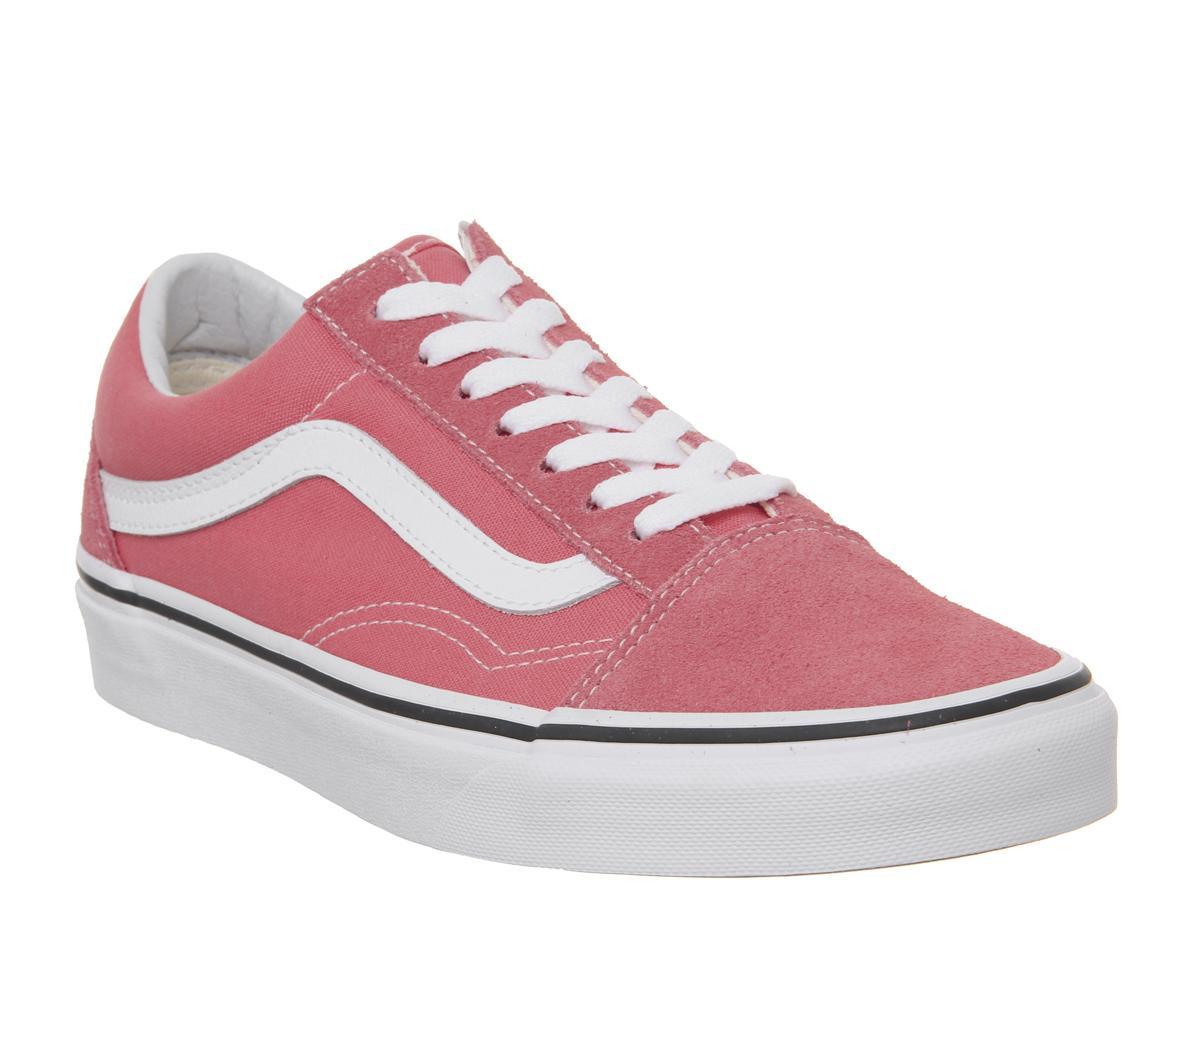 VANS OLD SKOOL Strawberry Pink White